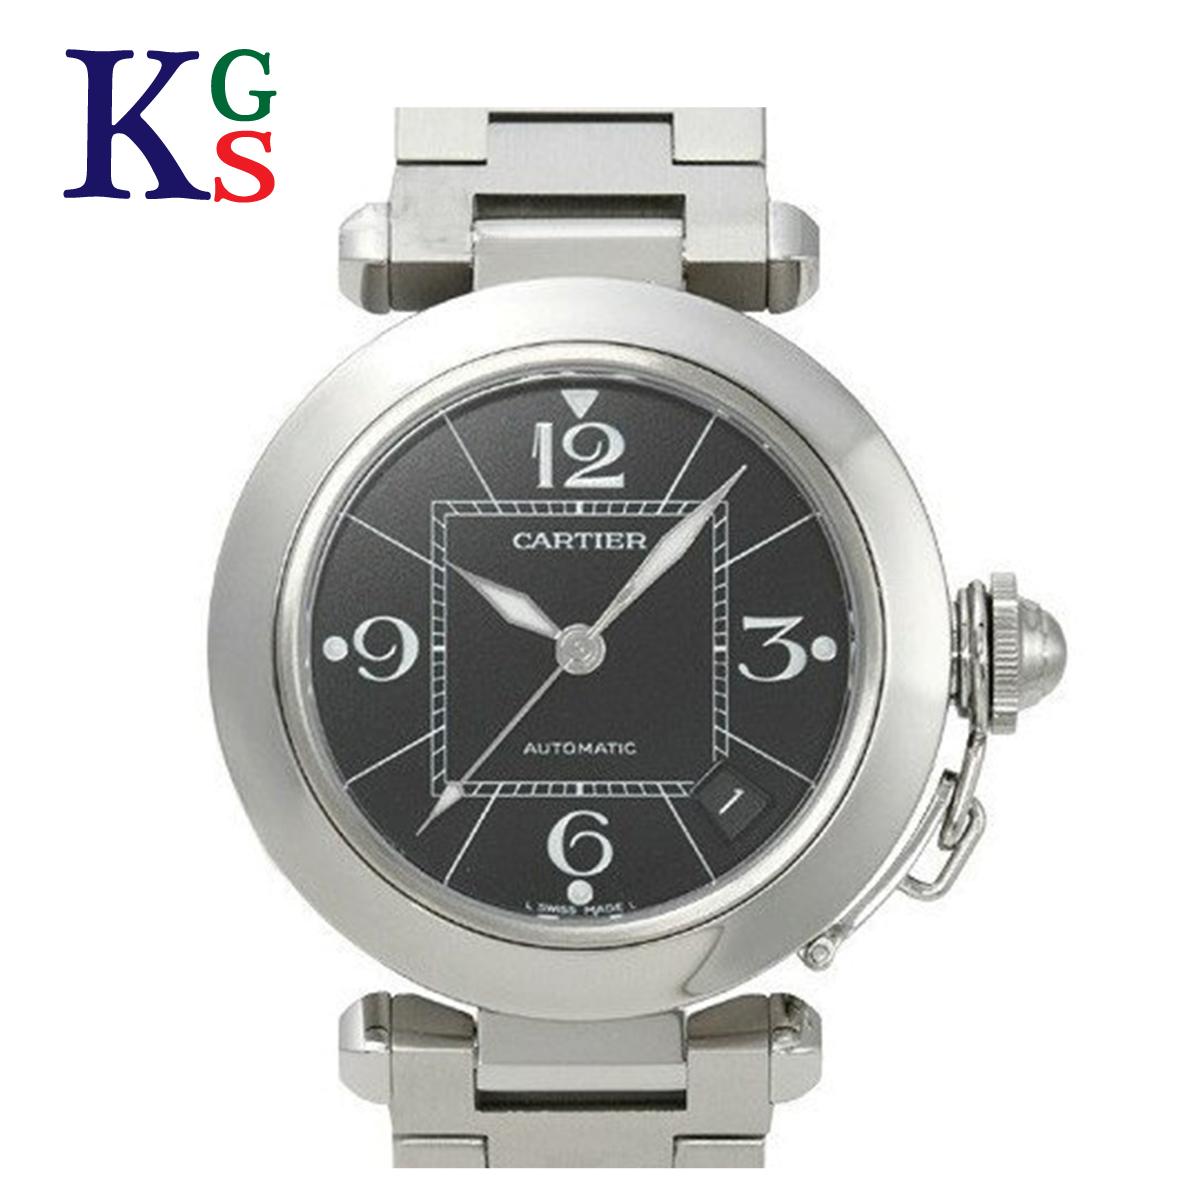 【ギフト品質】カルティエ/Cartier ユニセックス 腕時計 パシャC スモールデイト ブラック文字盤 W31076M7 オートマチック 自動巻き ステンレススチール